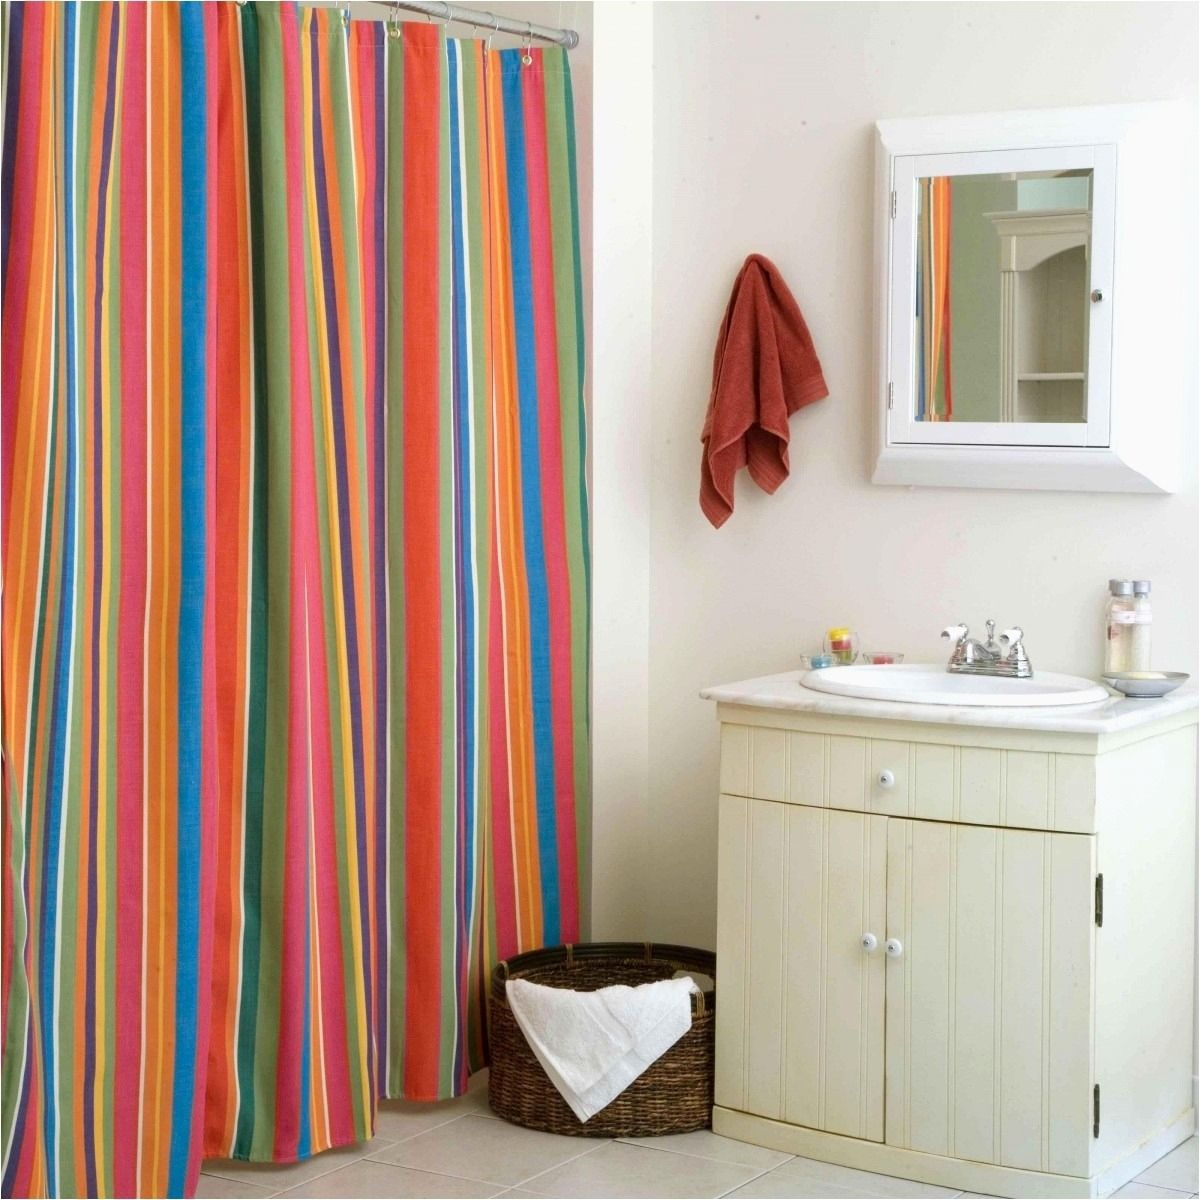 Luxus Duschvorhange Plan Luxus Duschvorhange Badezimmer Beide Mit Dusche Und Badewanne Mussen Badezimmer Duschvorhange Duschvorhang Badezimmer Einrichtung